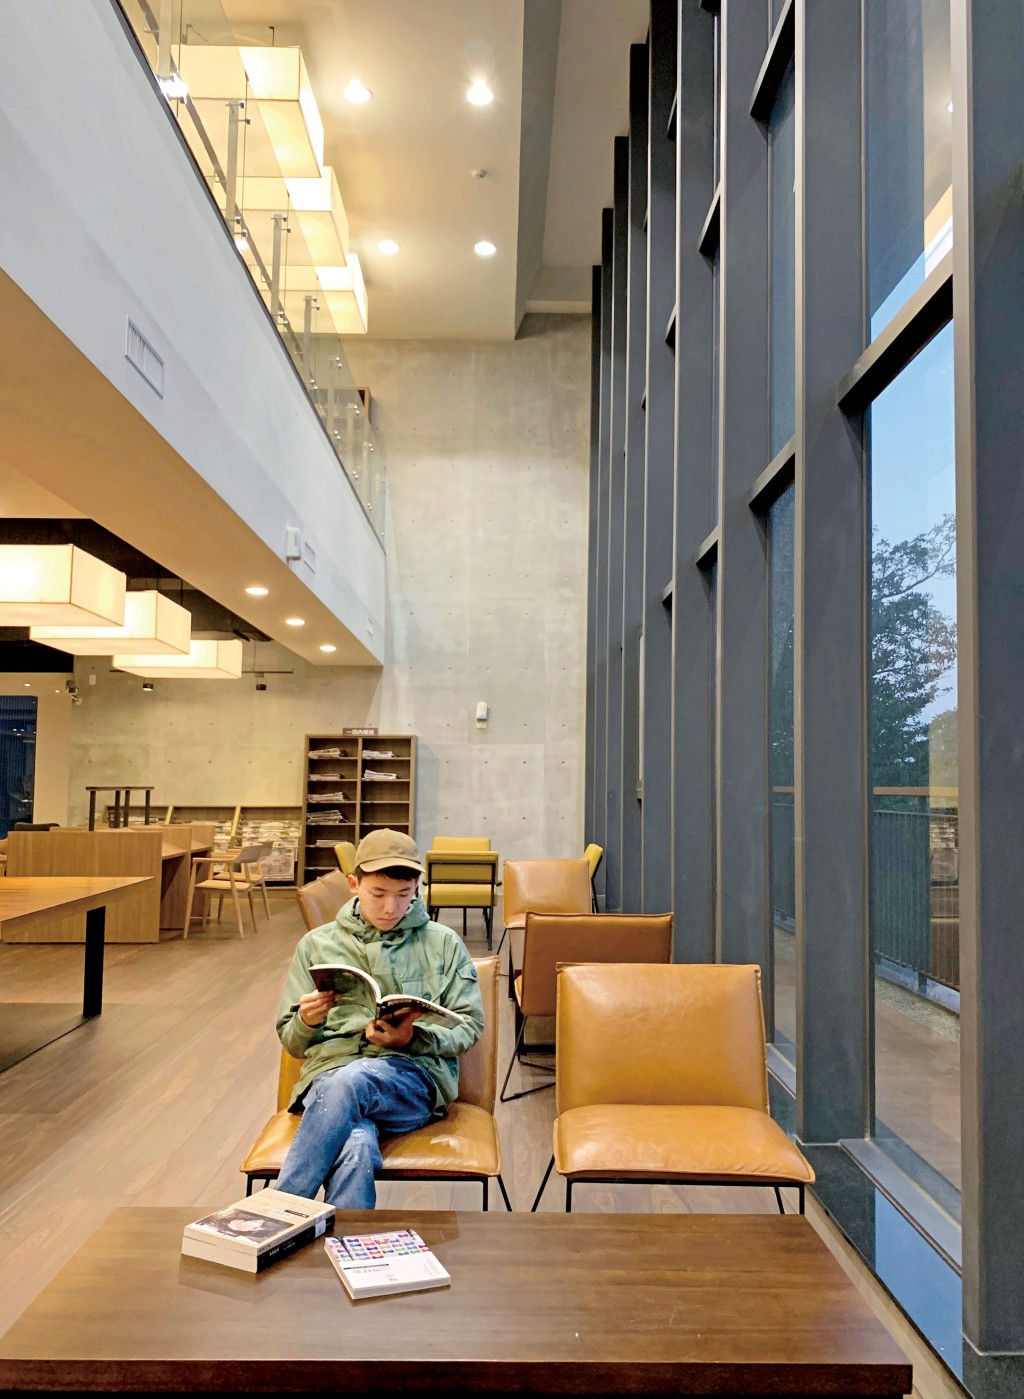 台中李科永圖書館運用挑空方式,讓視覺空間延伸。